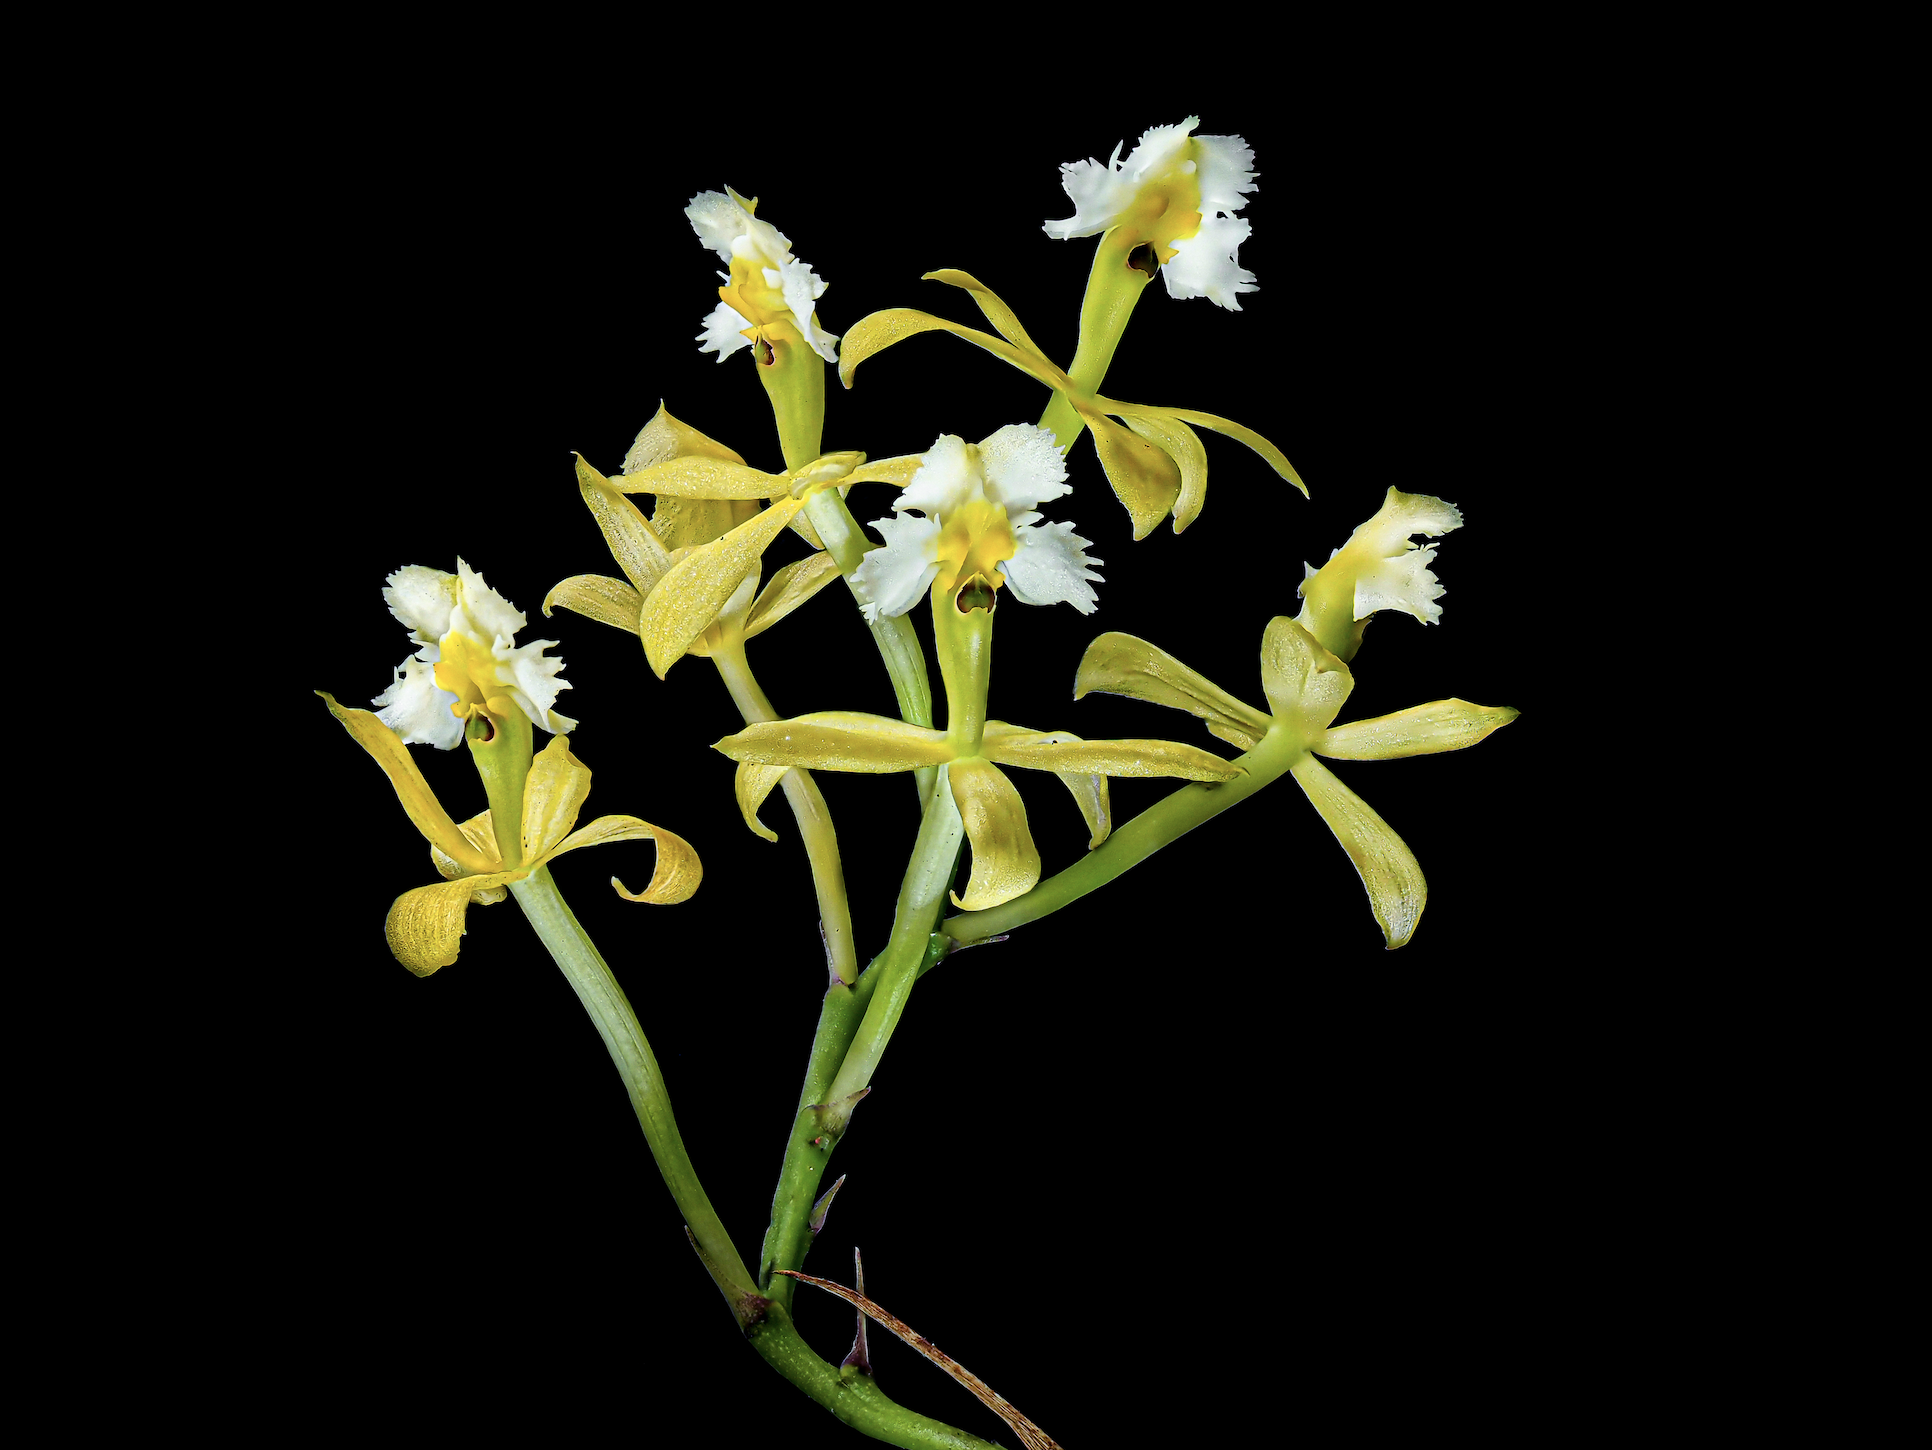 Photo: The newly discovered orchid, Epidendrum katarun-yariku. Image courtesy of Mateusz Wrazidlo.